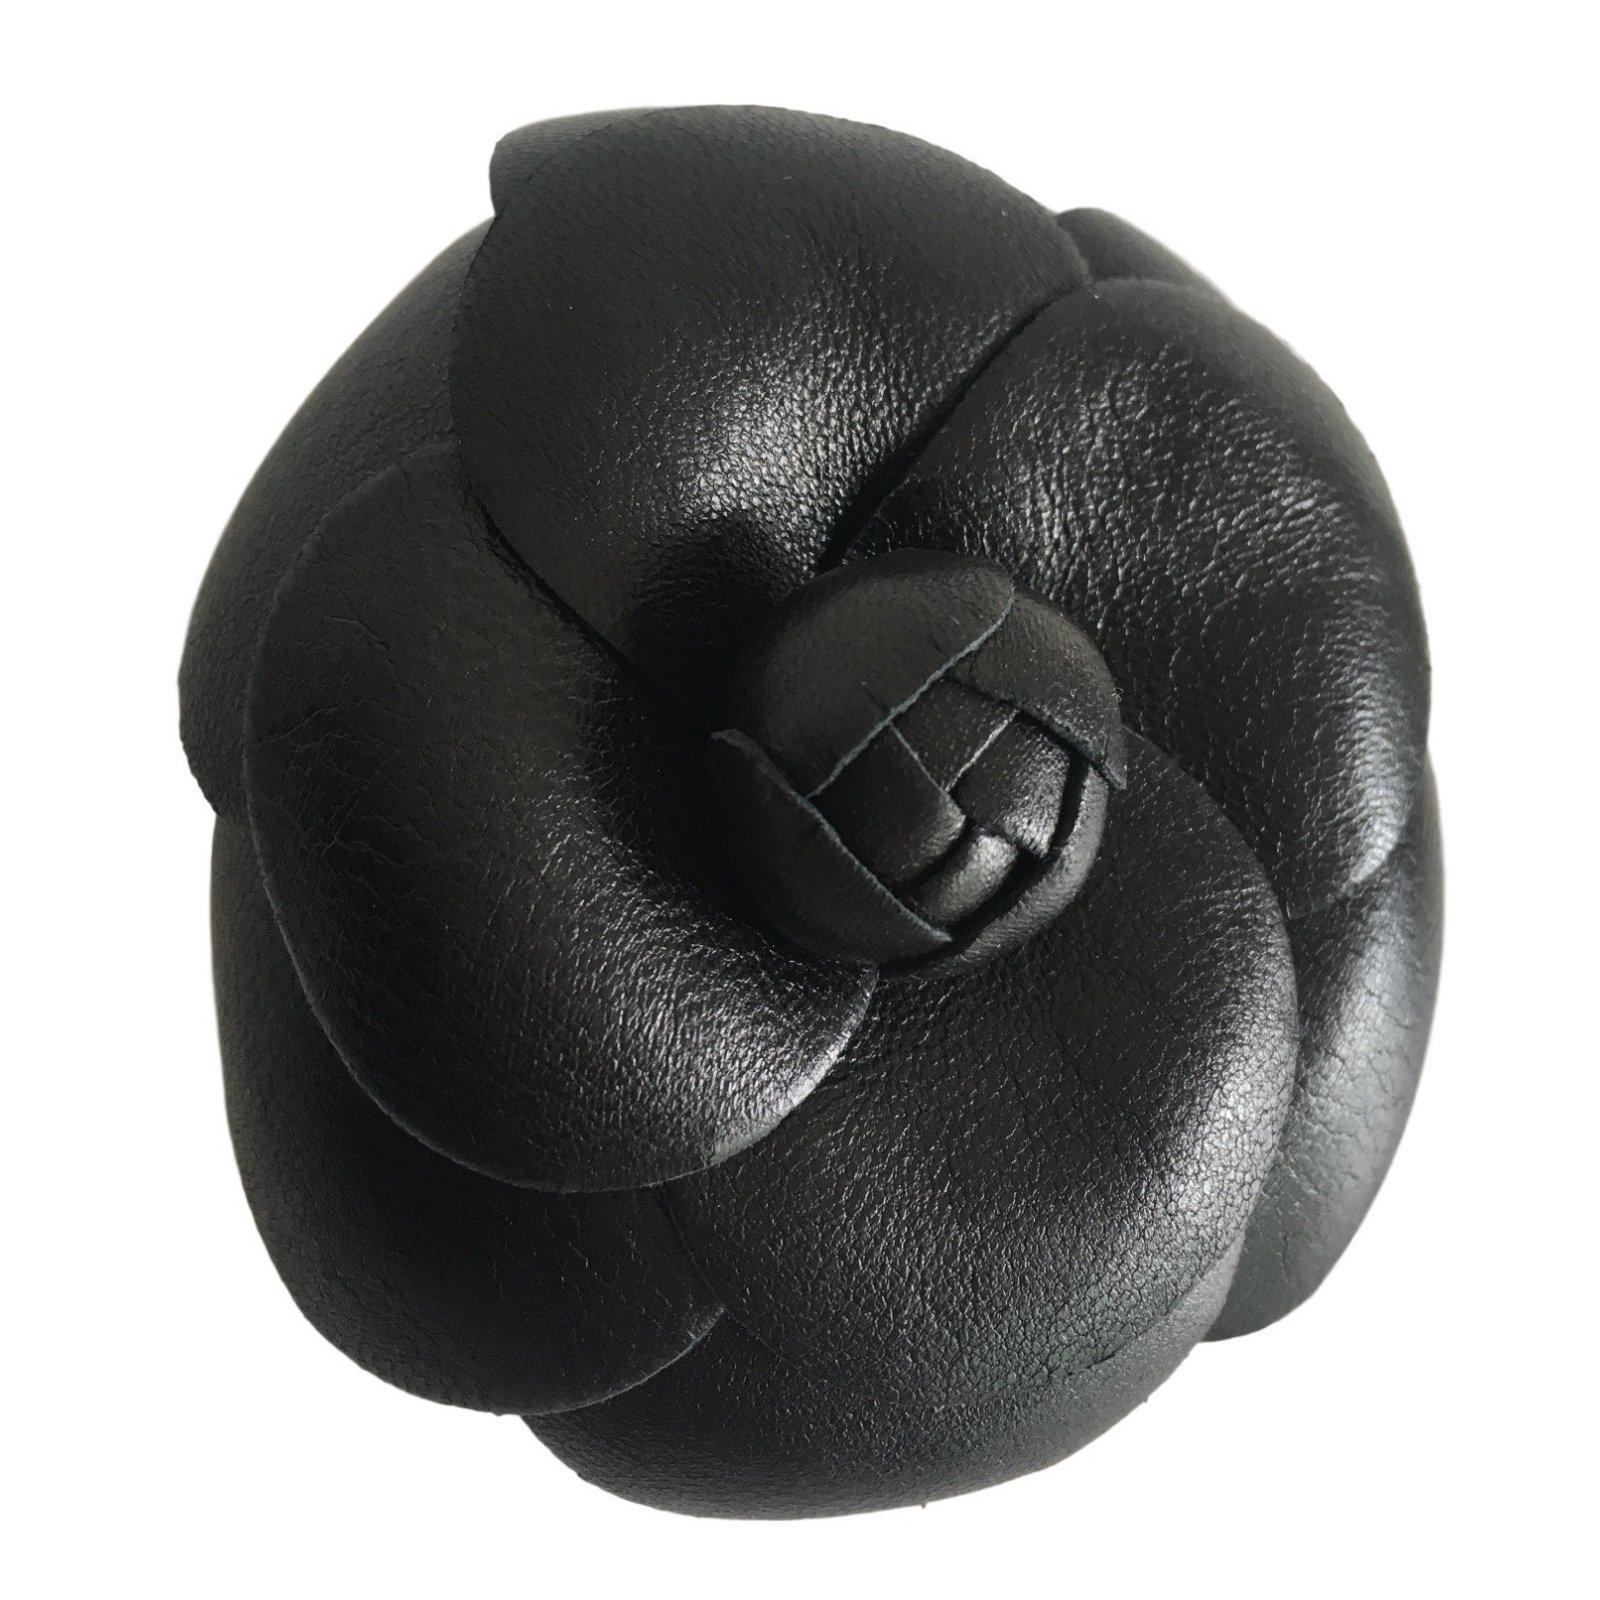 d277fb0595d1 Broches Chanel Camelia Cuir Cuir Noir ref.39378 - Joli Closet